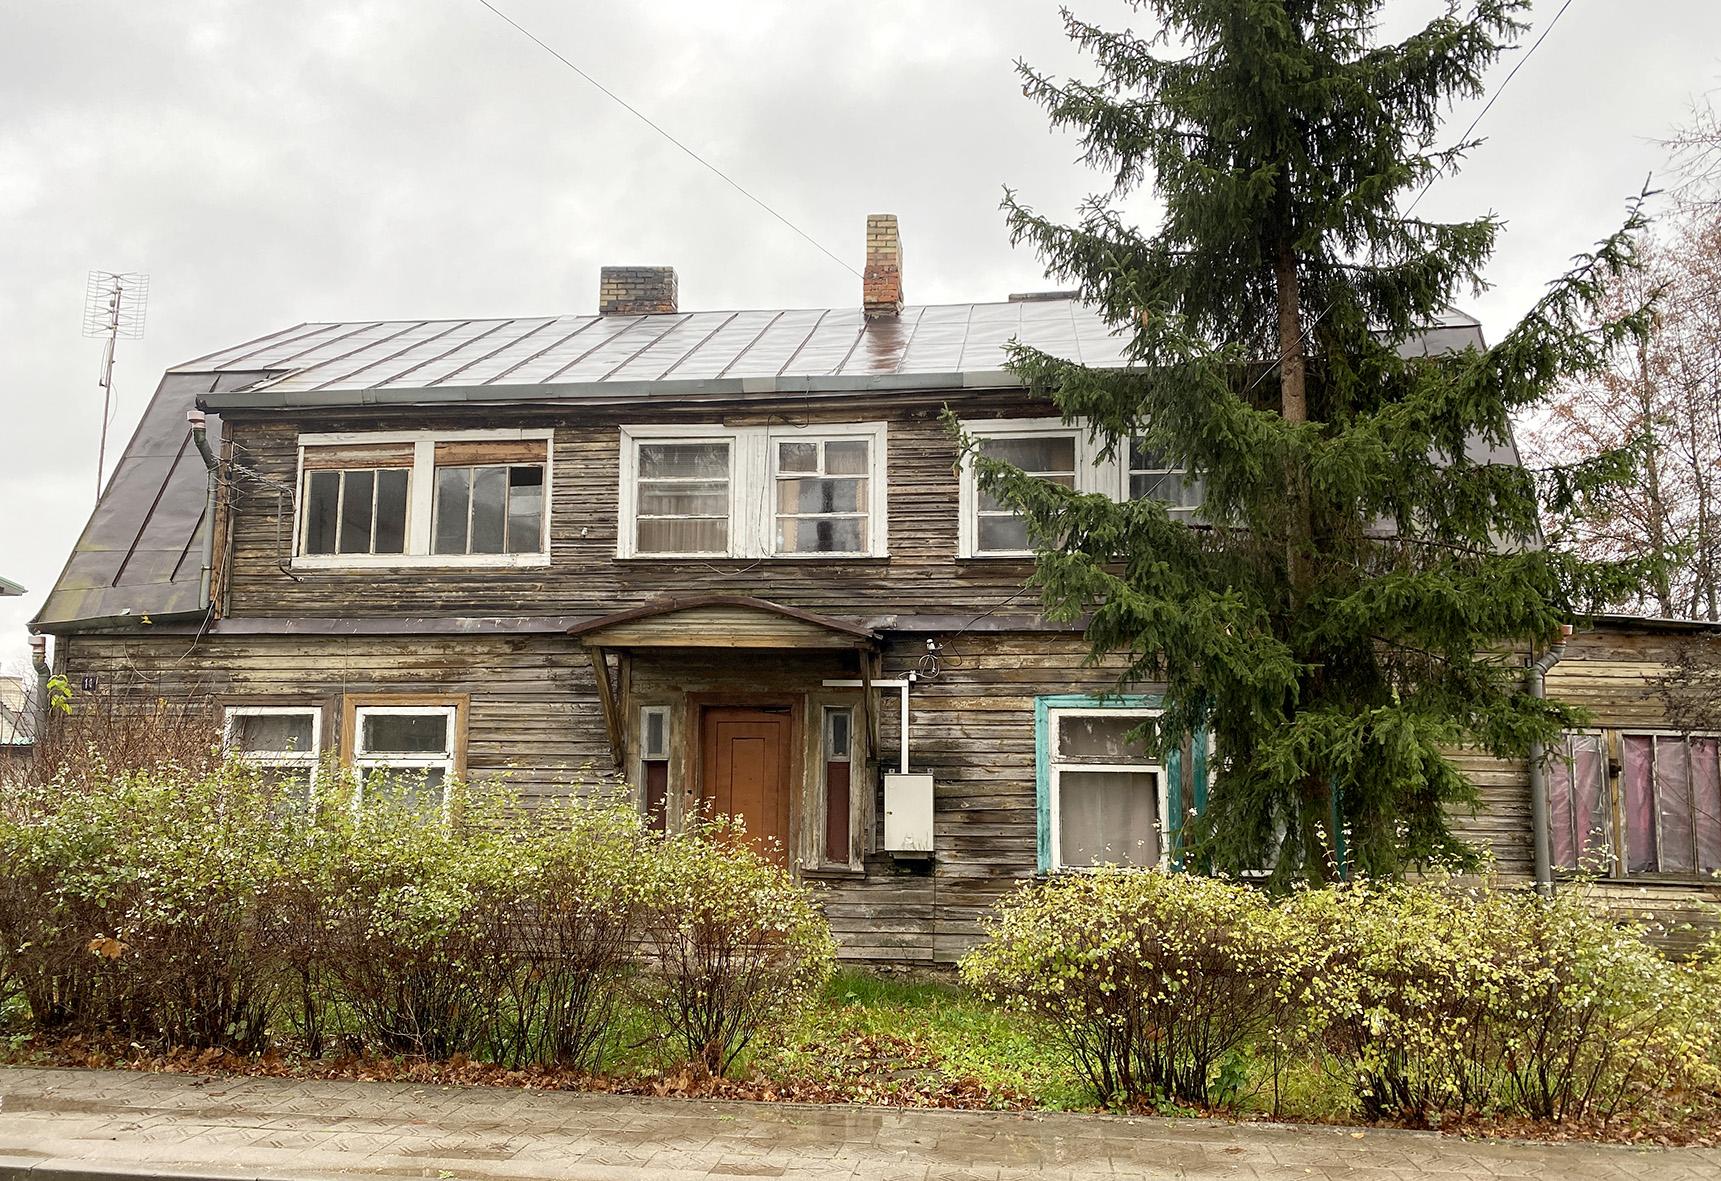 Žemaitės g. 11 namas statytas dar 1935 metais. Pastatas medinis, pripažintas avariniu, tad netrukus jį ketinama nugriauti. / A. Barzdžiaus nuotr.